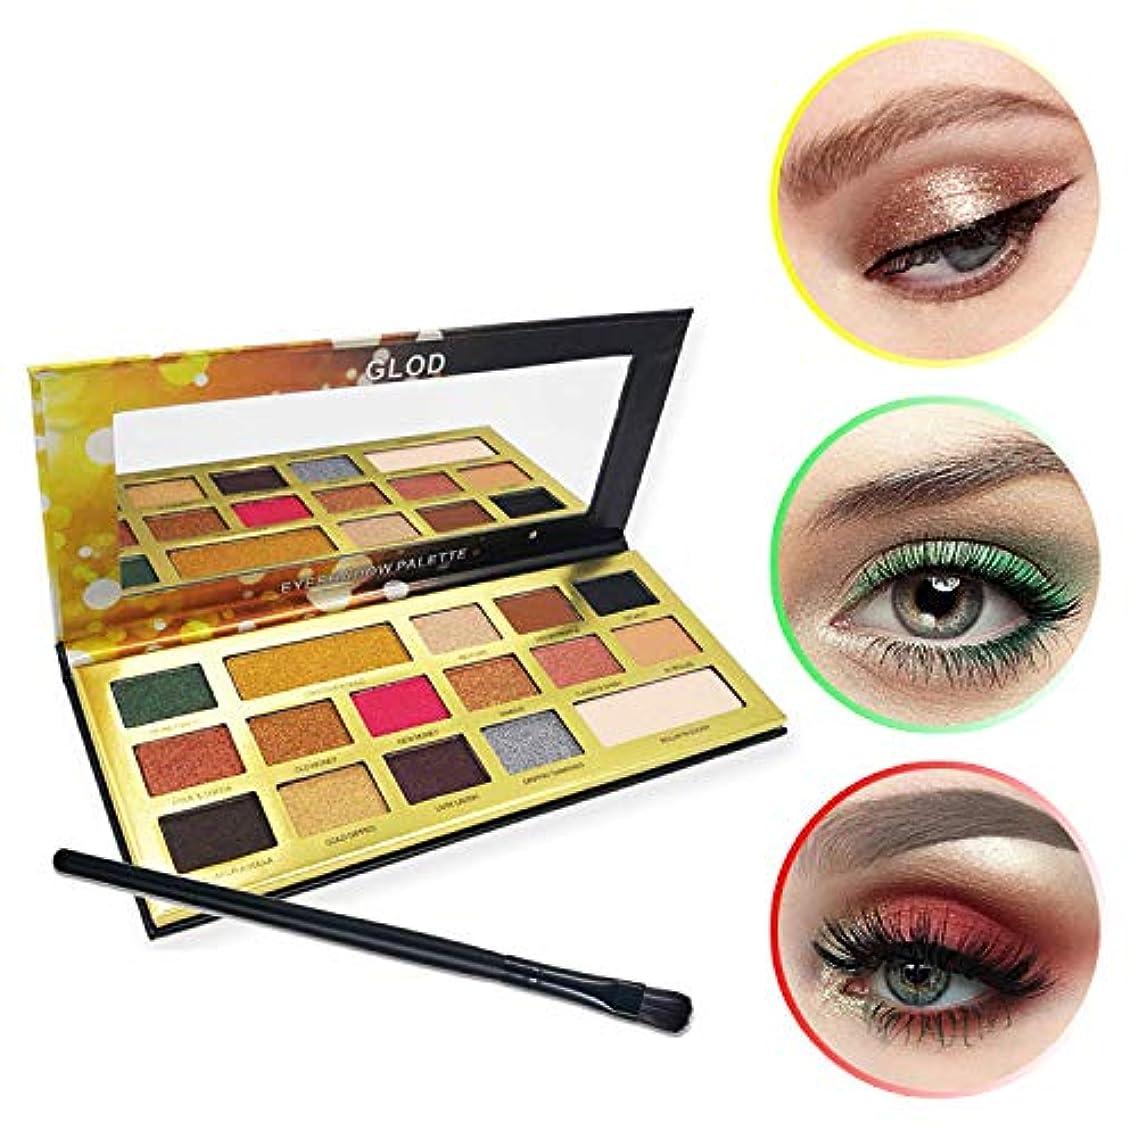 ユーザースリンク再生可能Vtrem アイシャドウパレット 16色 アイシャドー メイクアップパレット ハイライト メイクアップ アイカラー 化粧品 キラキラ輝く 瞳を美しく魅せる ミラー鏡 付き